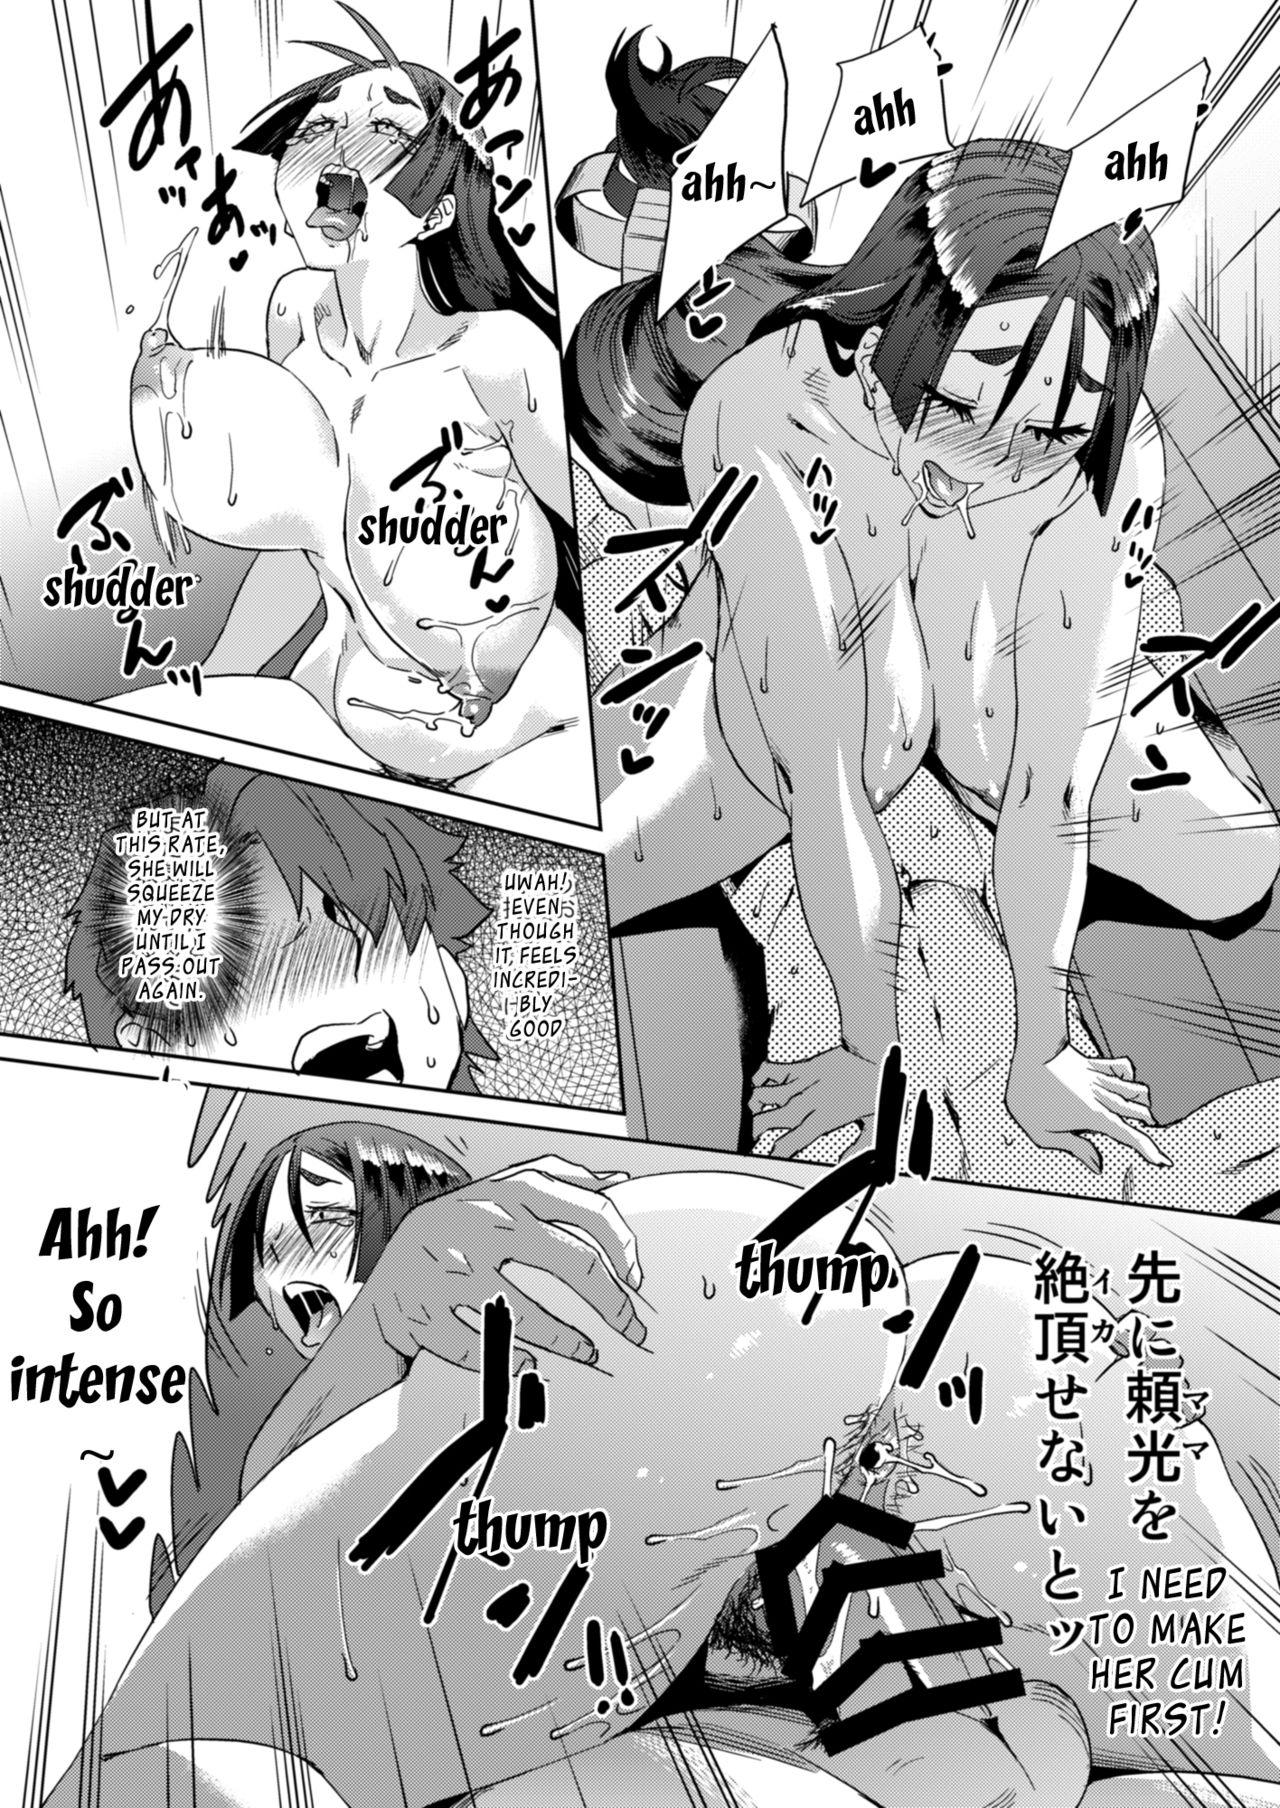 Uchi ni Kaettara Mama ga Zenra de Hatsujou Shiteta Ken 12